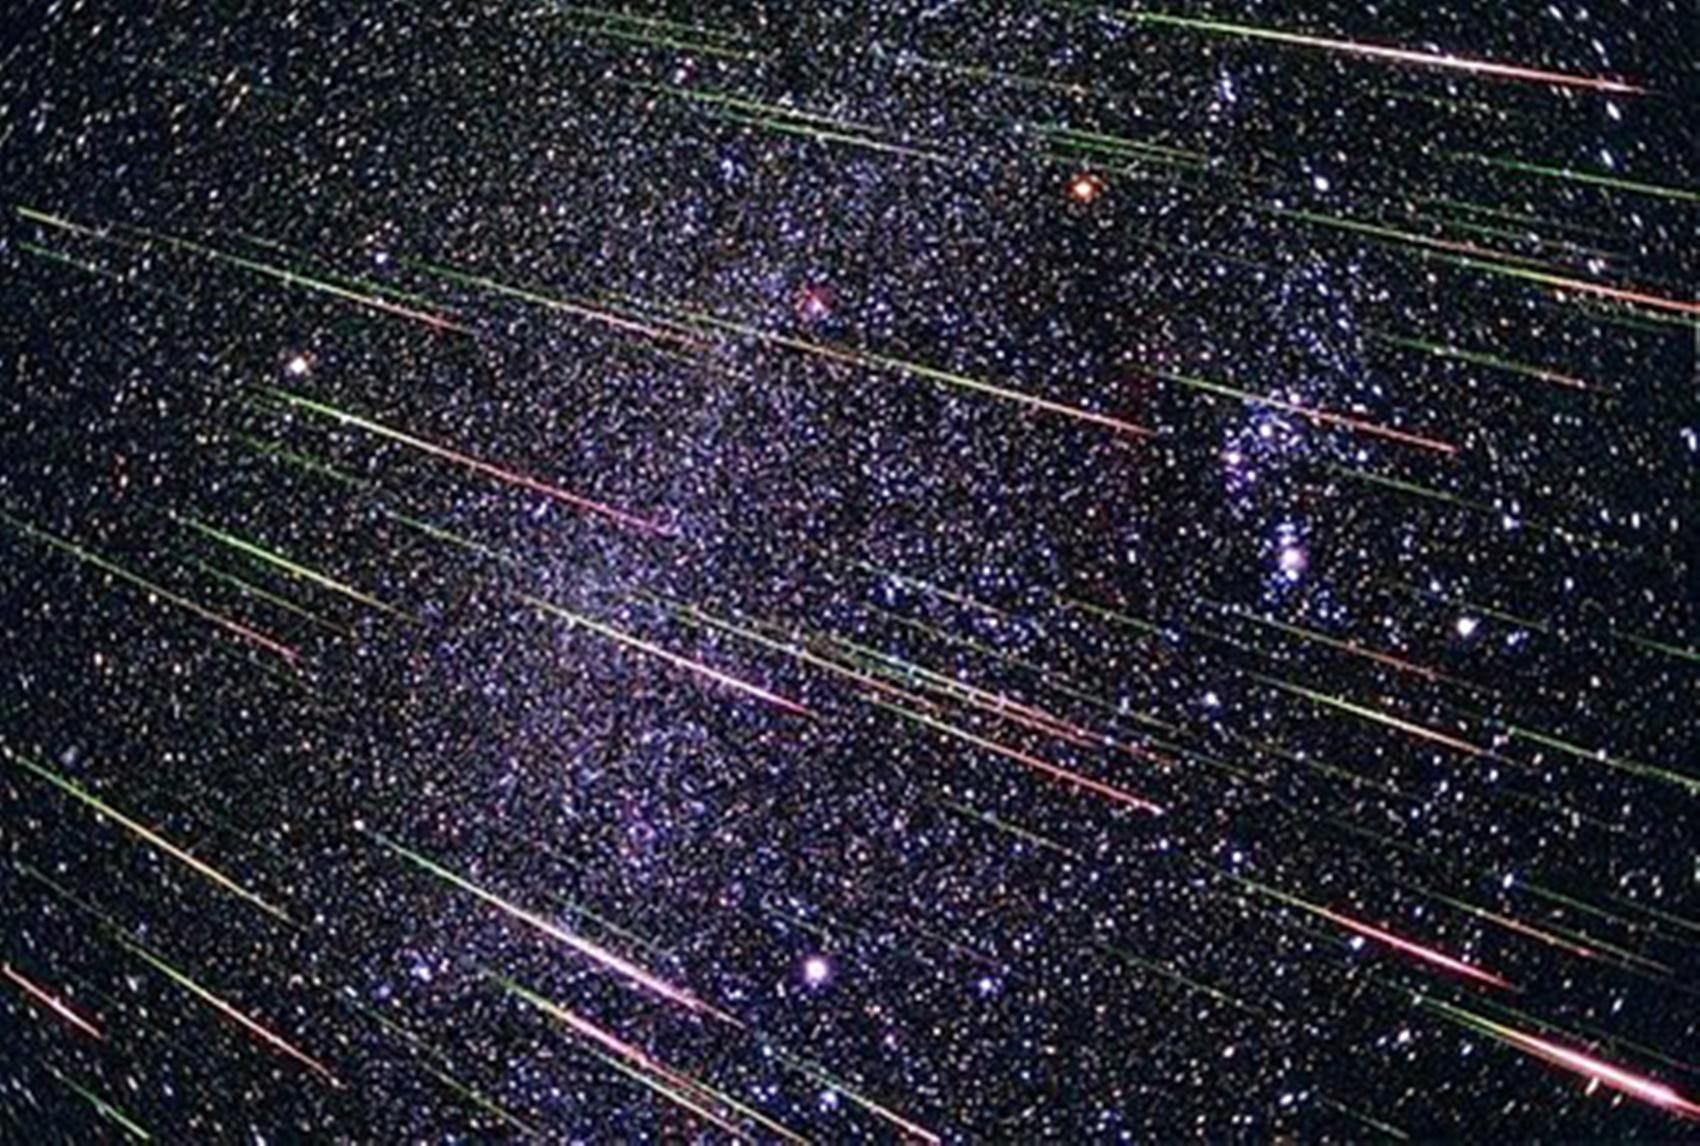 Quadratinele - Primul eveniment astronomic al anului 2021